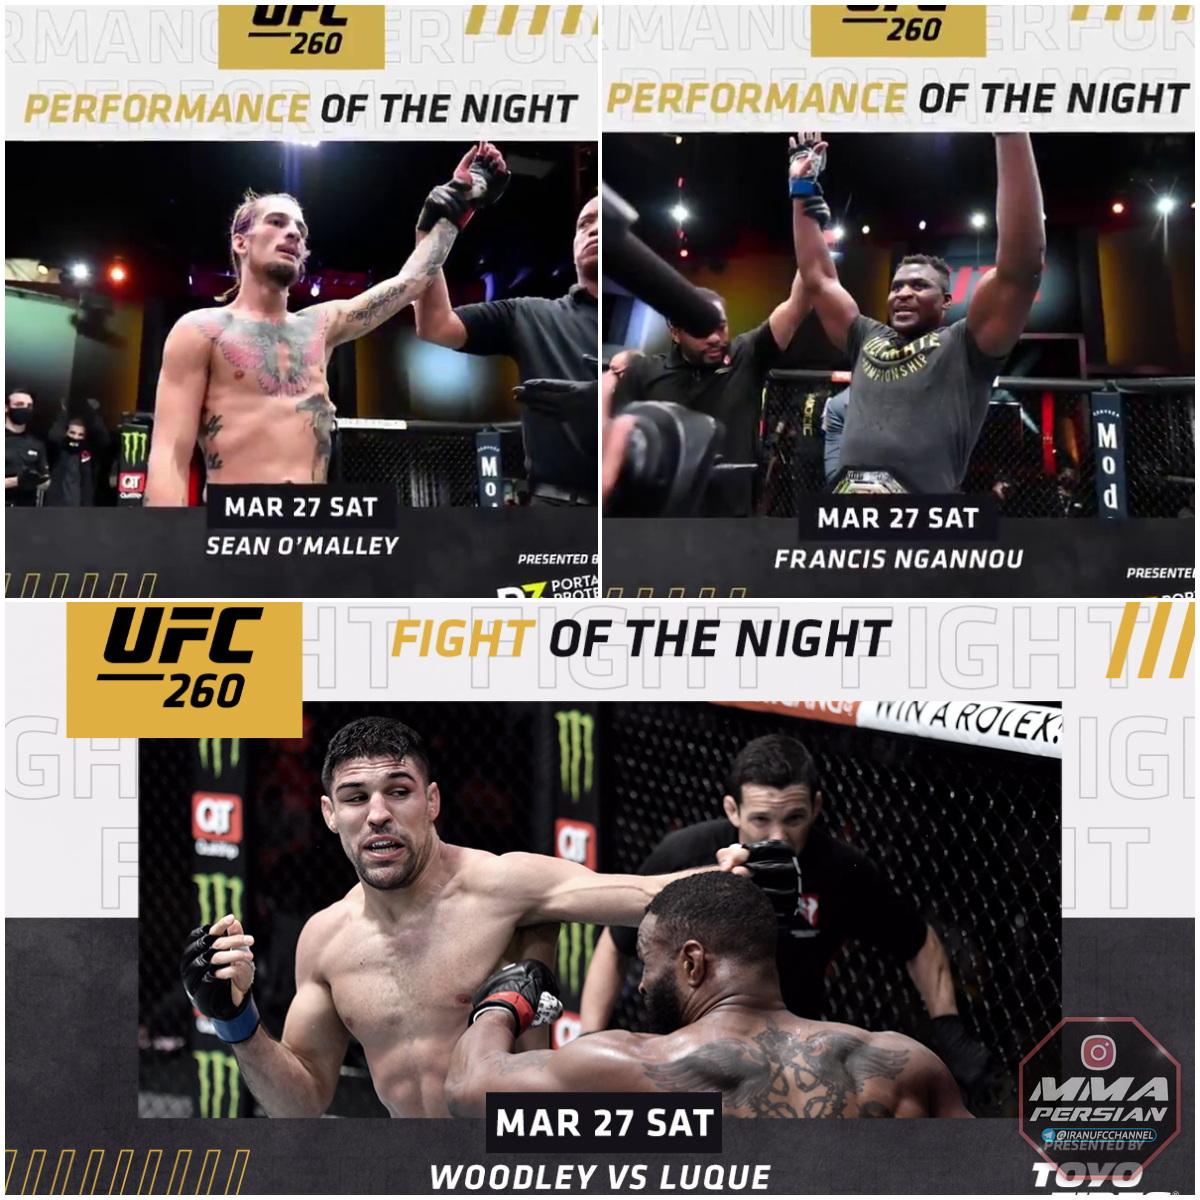 نتایج رویداد : UFC 260: Miocic vs. Ngannou 2